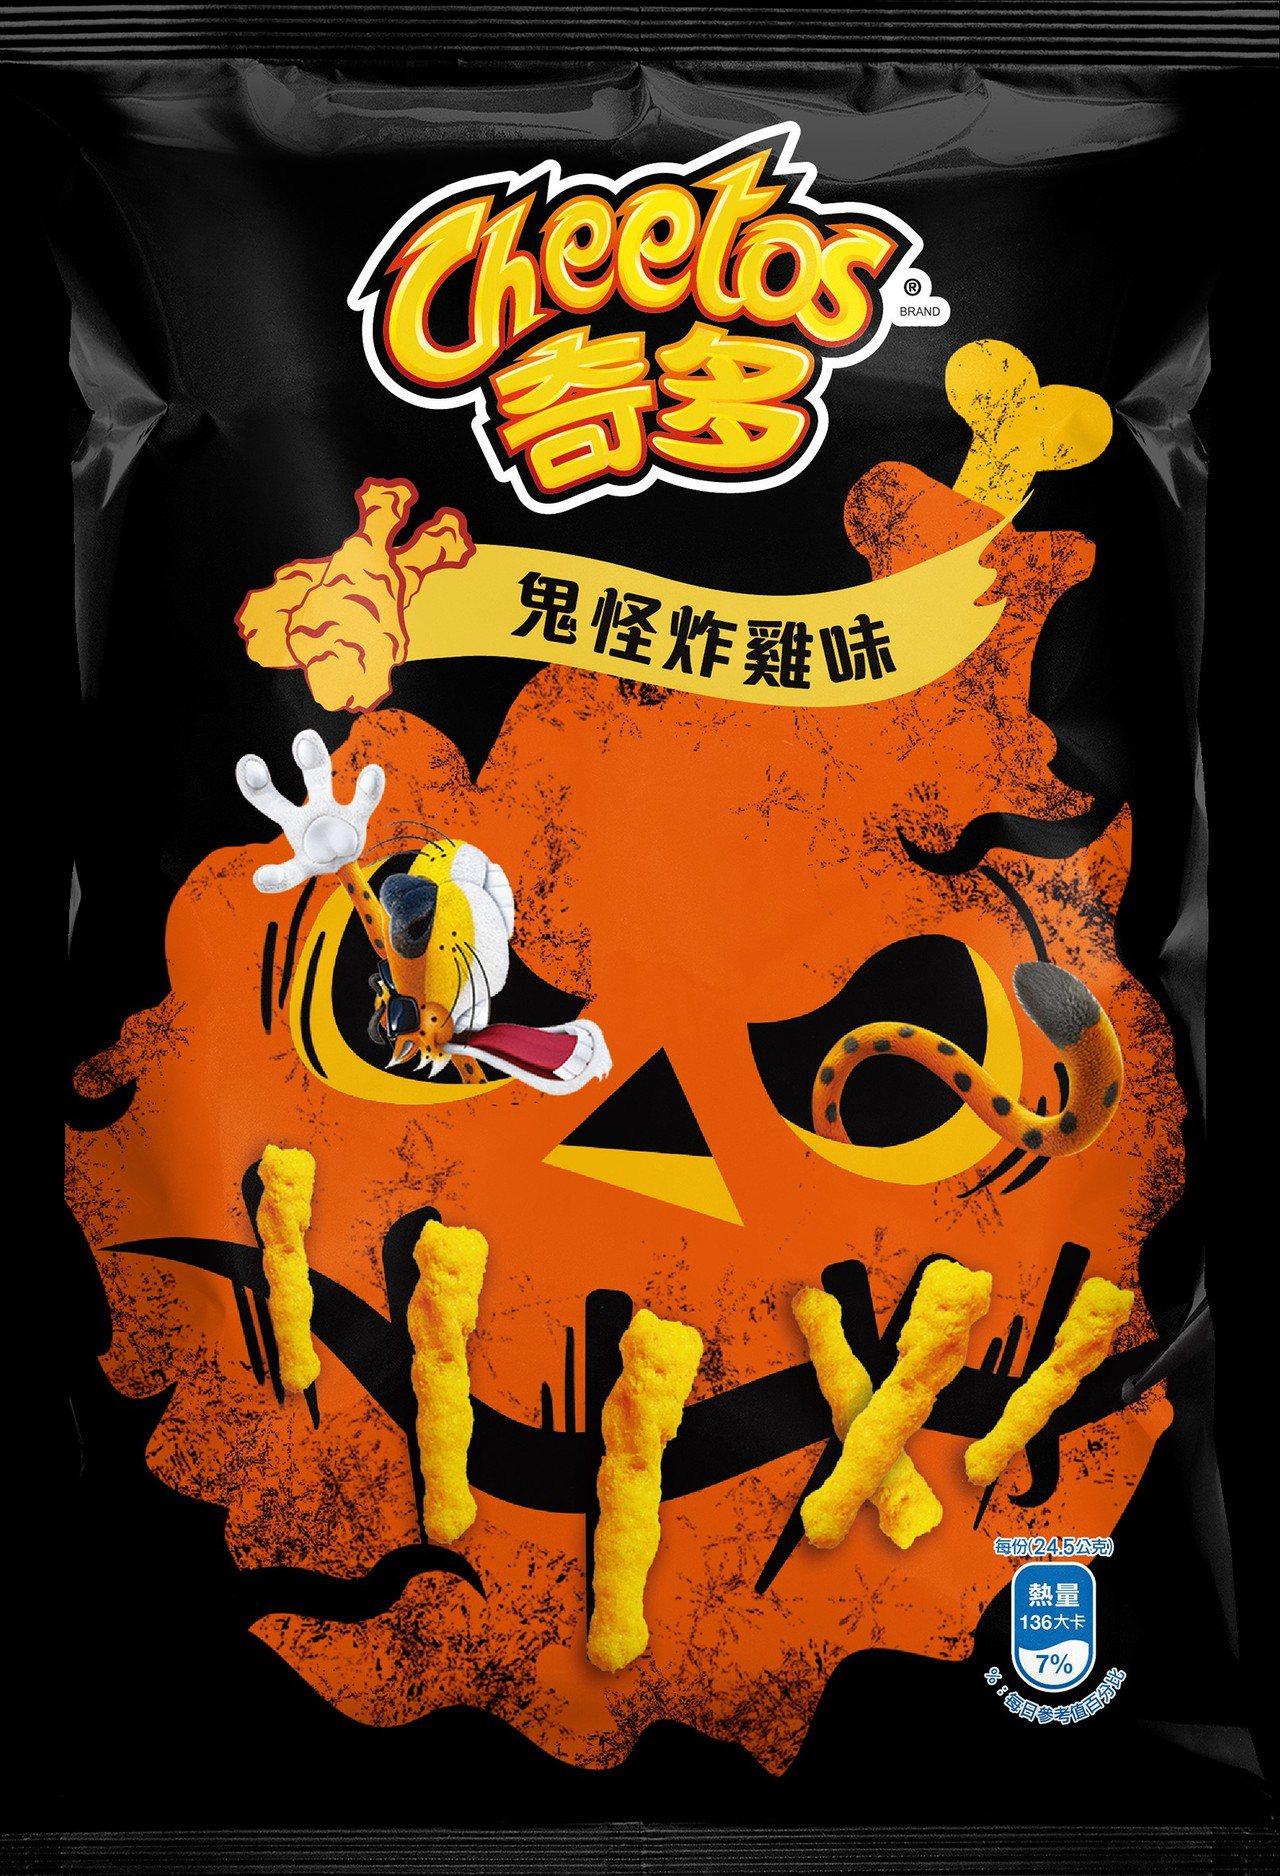 新品「奇多鬼怪炸雞口味玉米棒」單包售價35元。圖/全家提供